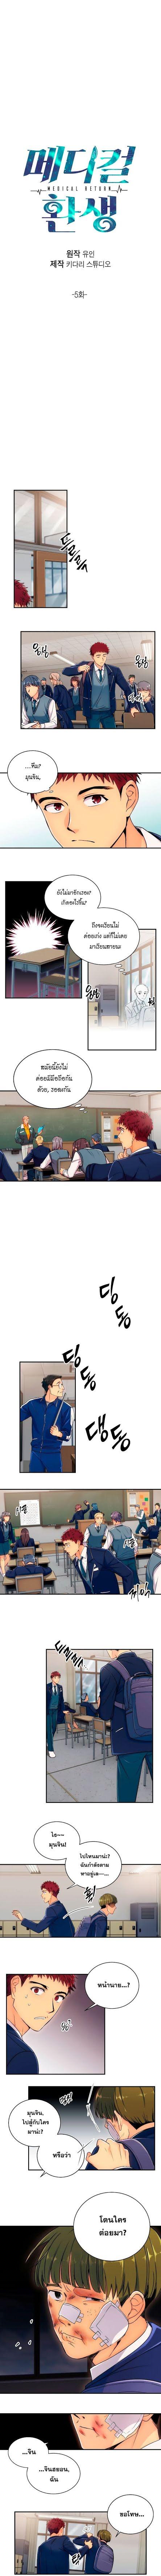 Medical Return - หน้า 1